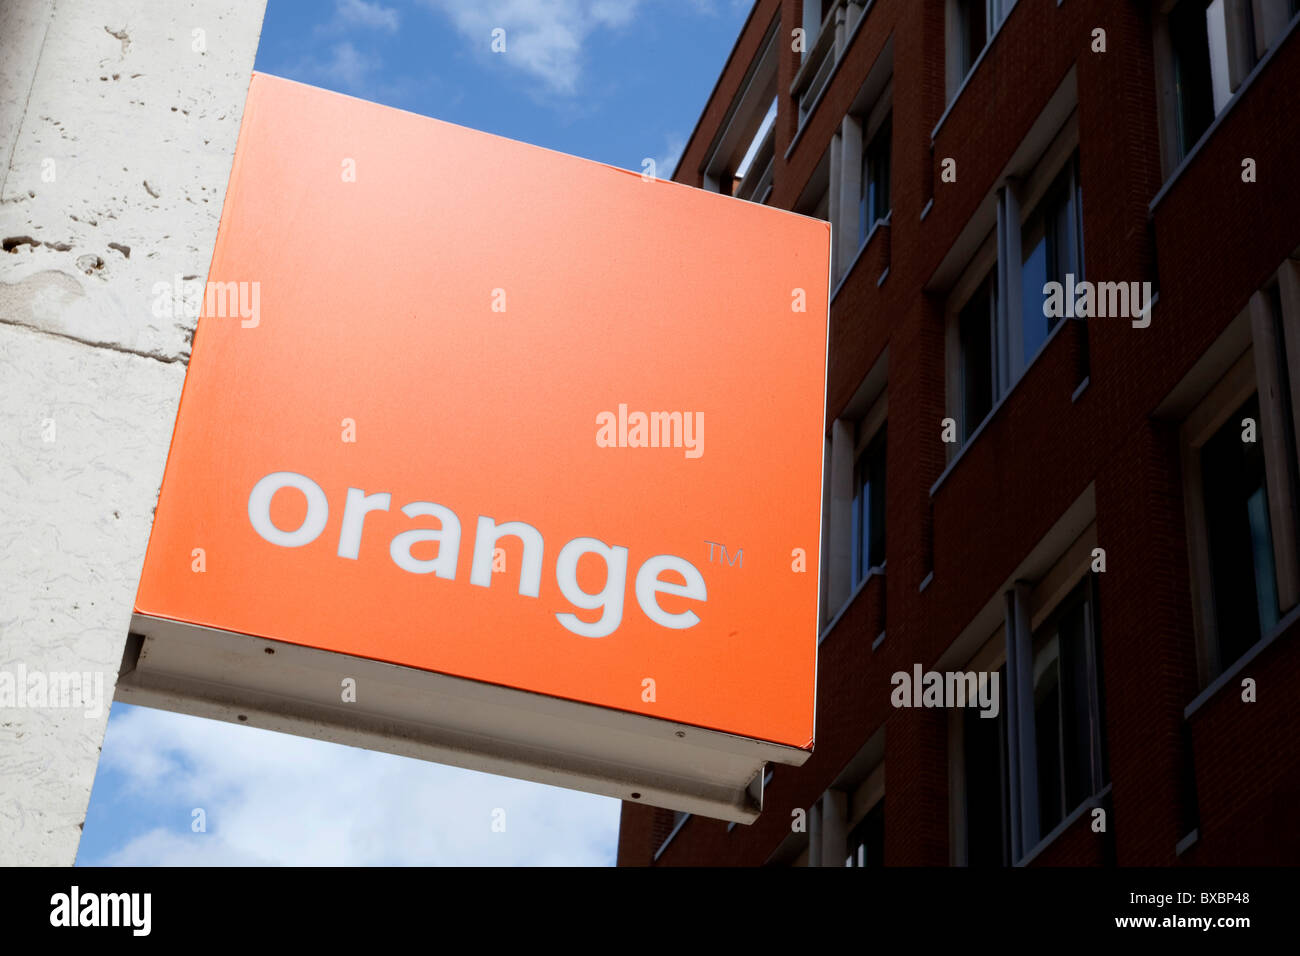 Logo of the telecommunications company Orange in London, England, United Kingdom, Europe - Stock Image